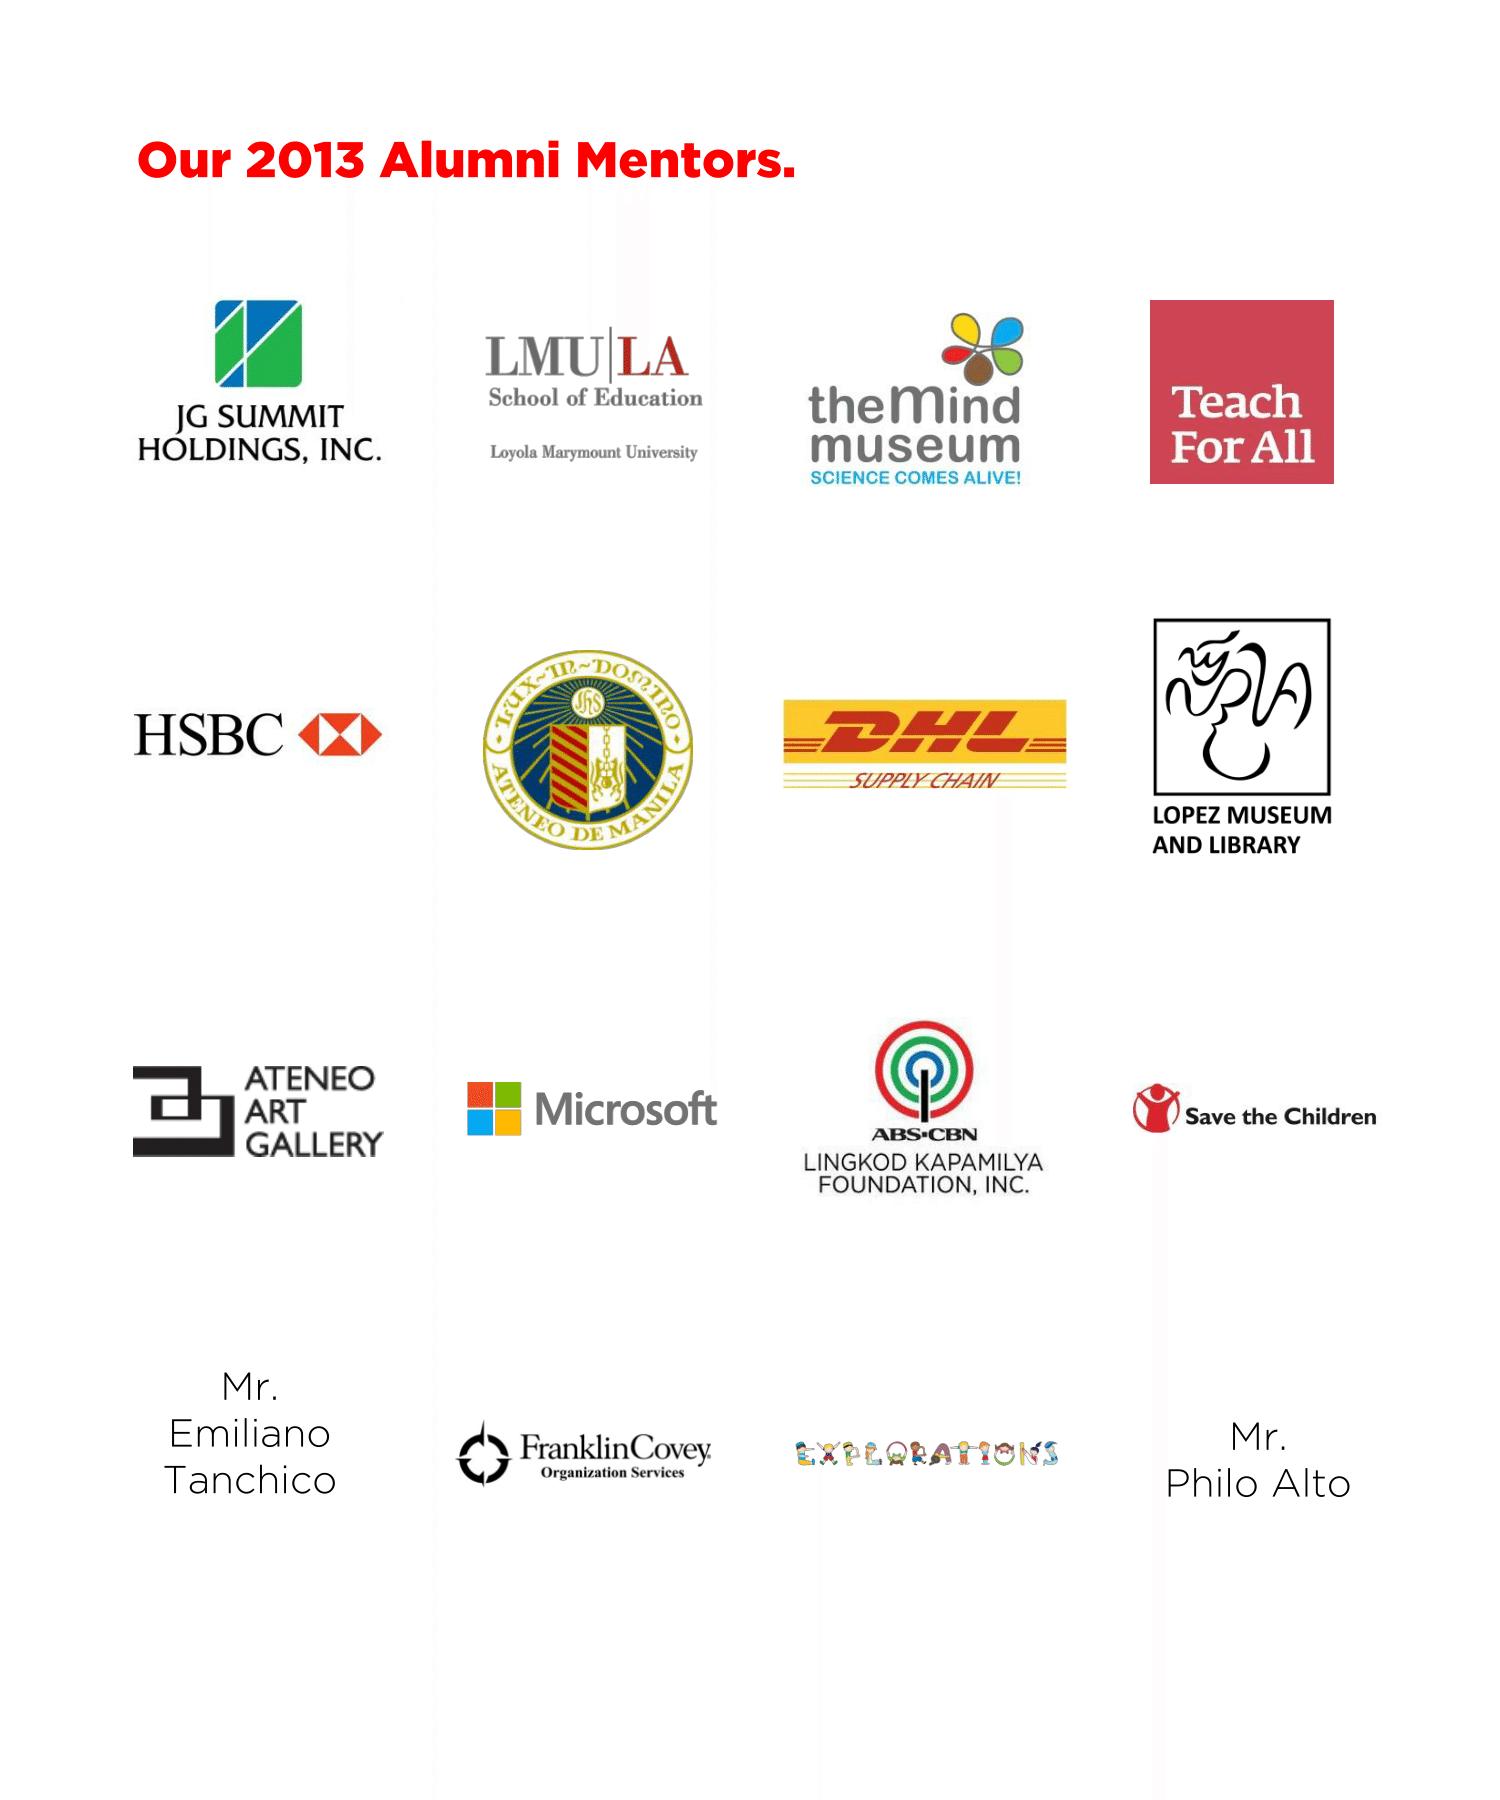 Alumni Mentors 2013